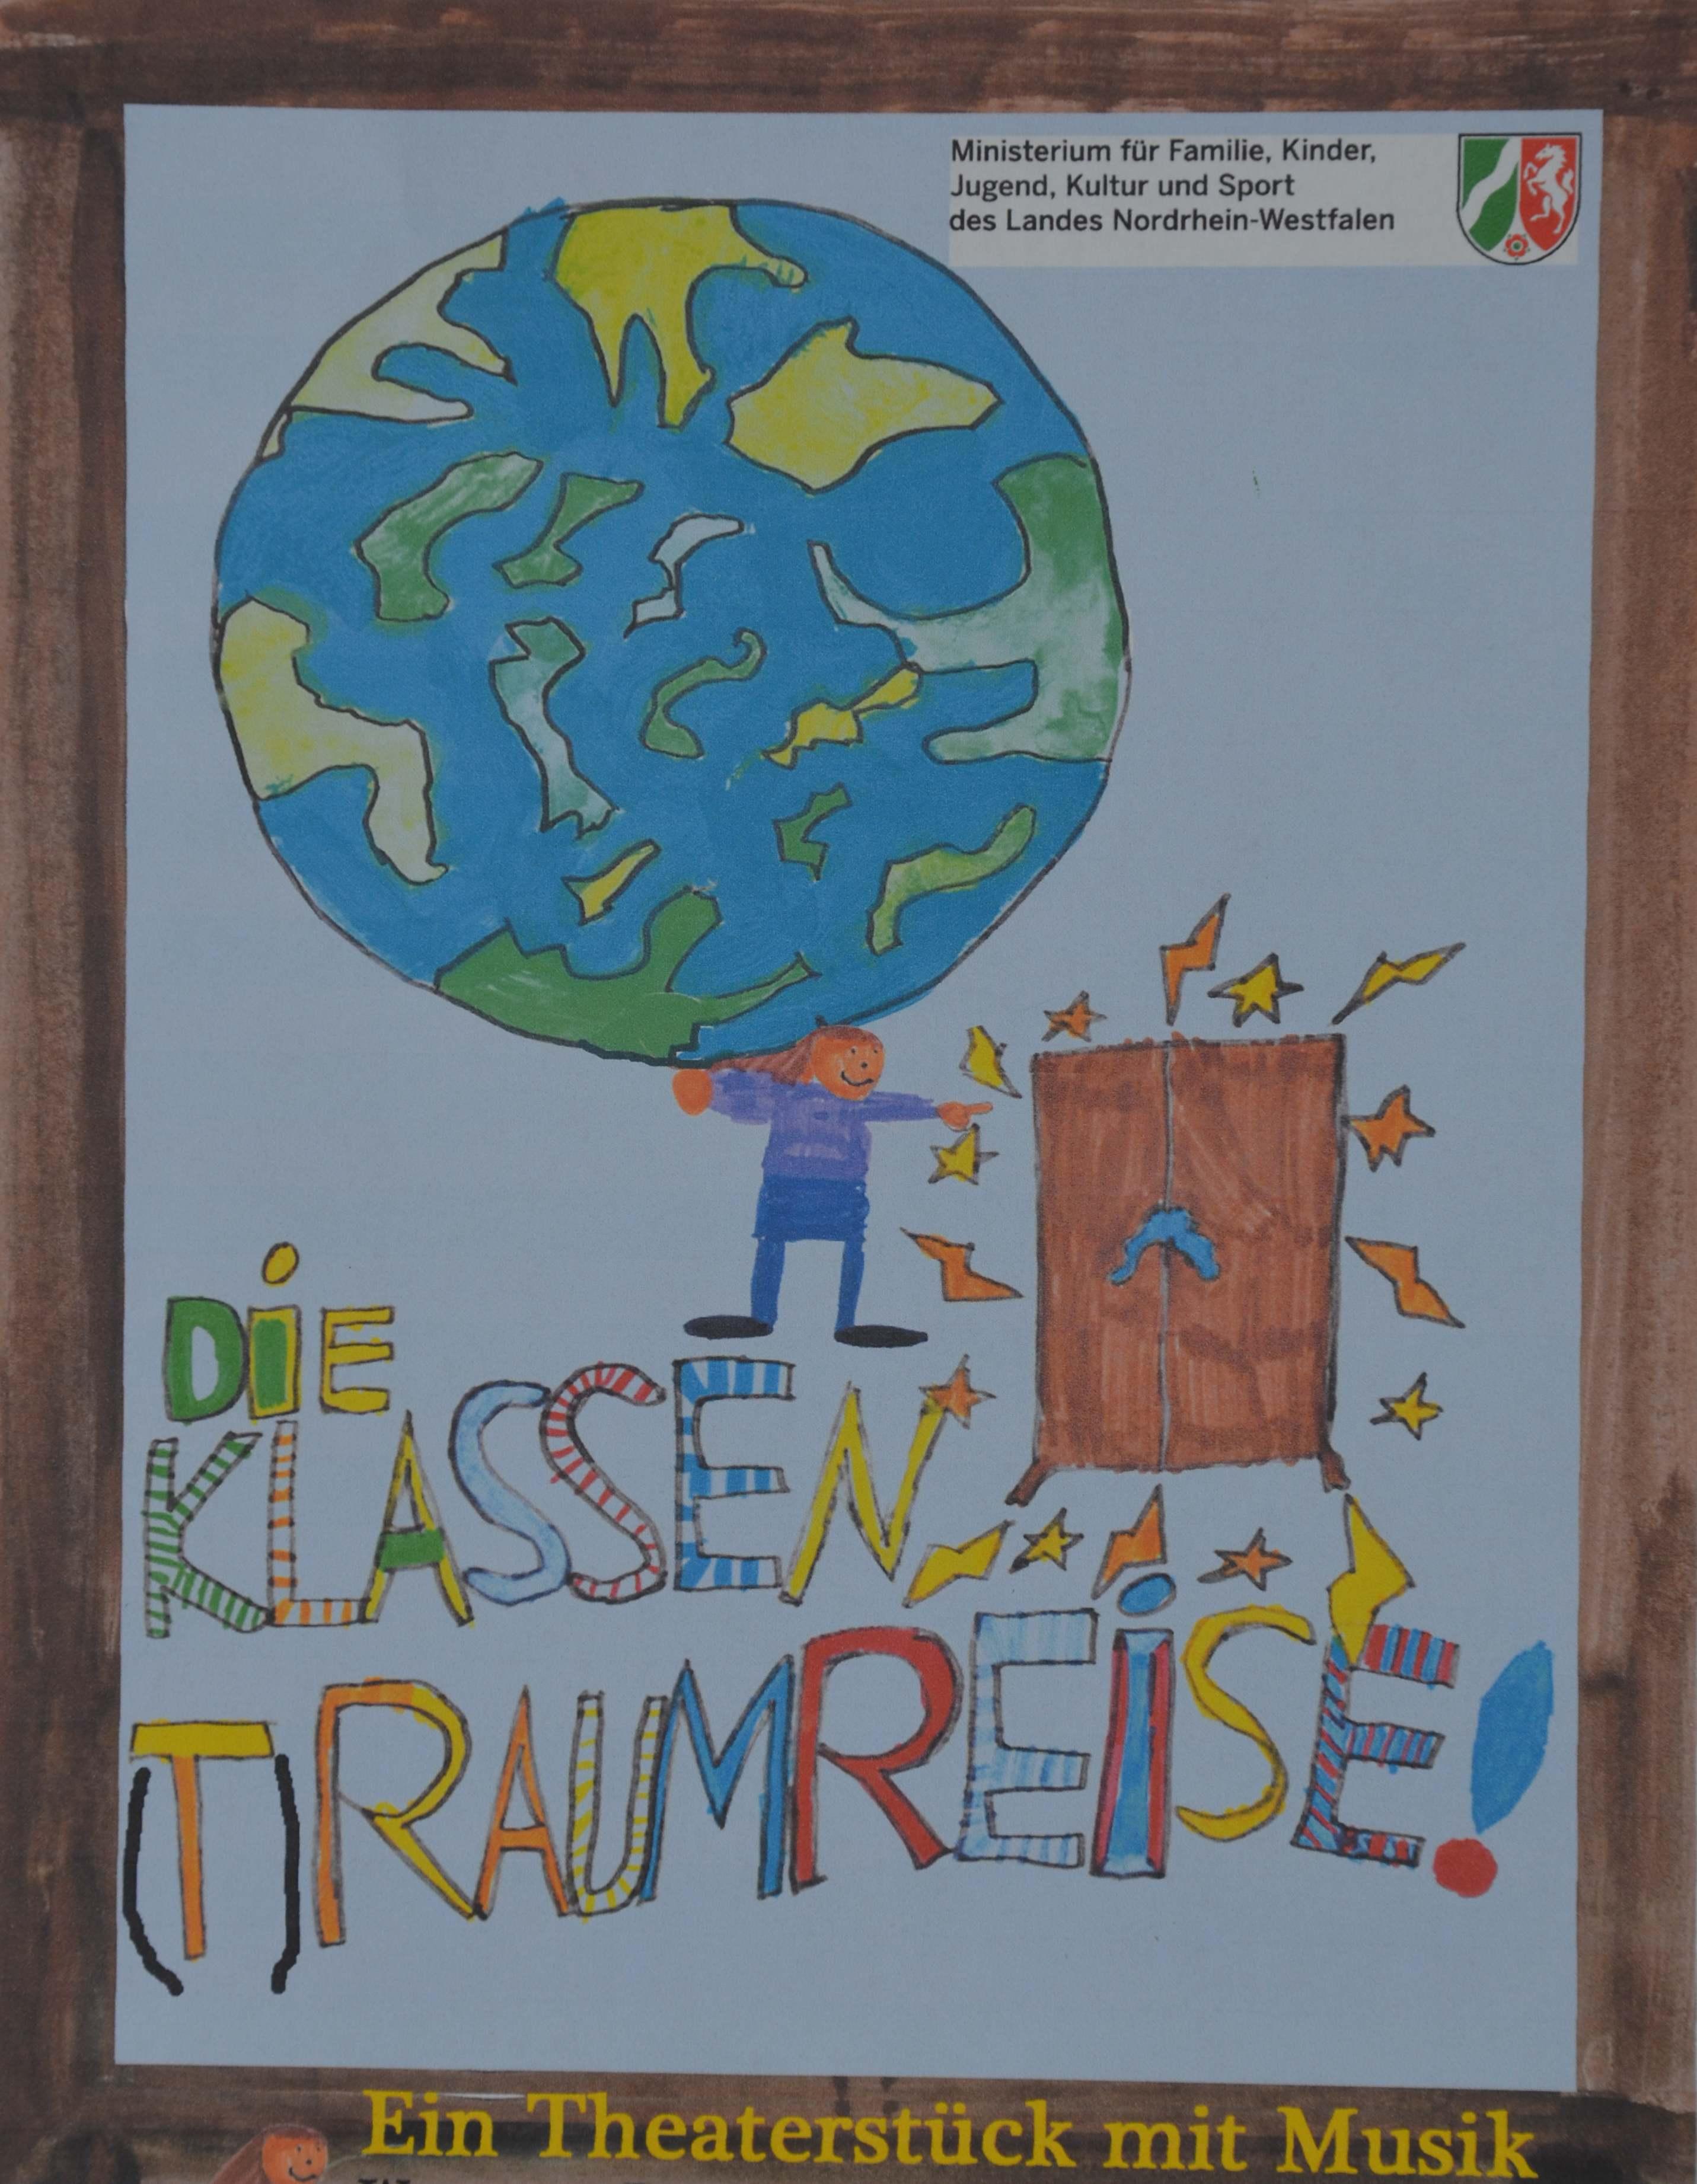 Theaterstück mit Tanz und Musik – Klassentraumreise in der Johannlandschule Hainchen